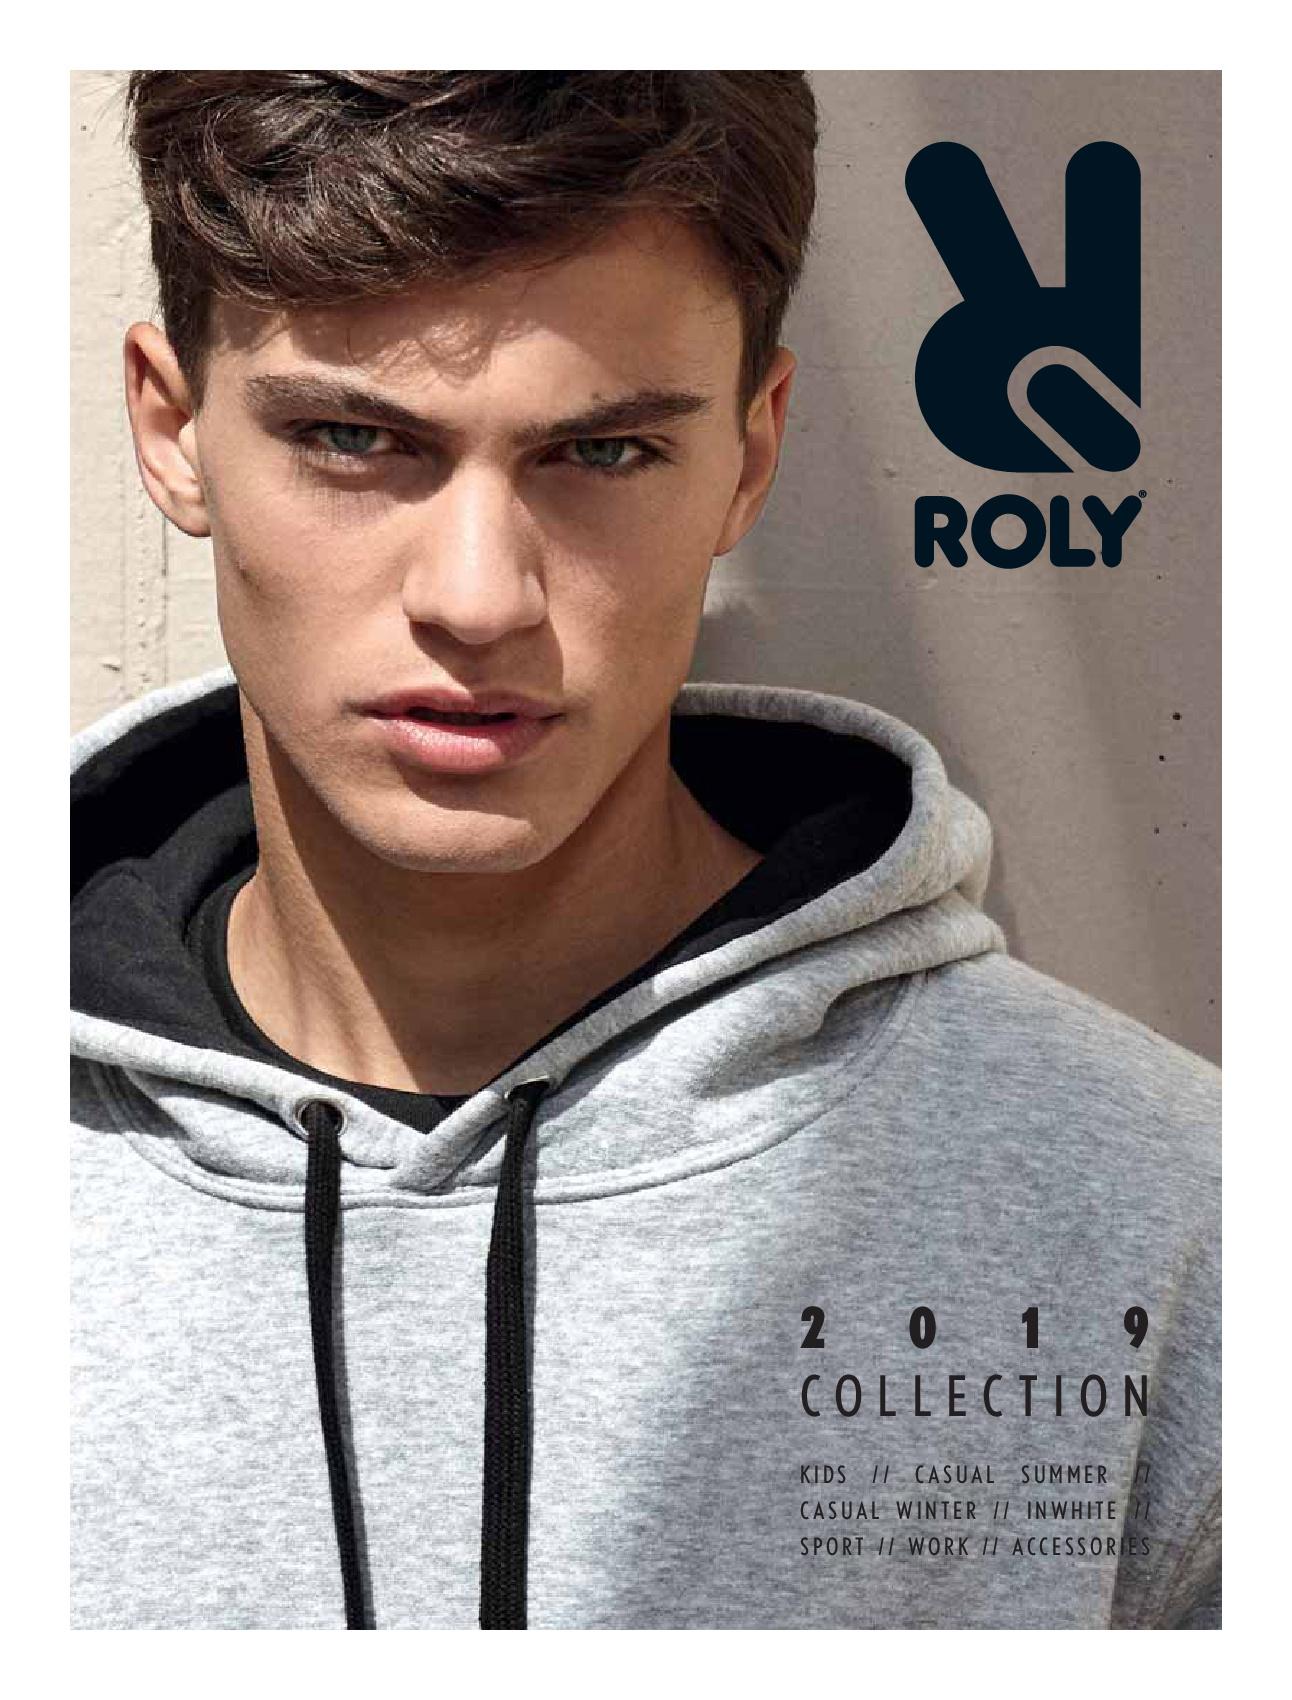 Roly_es 001